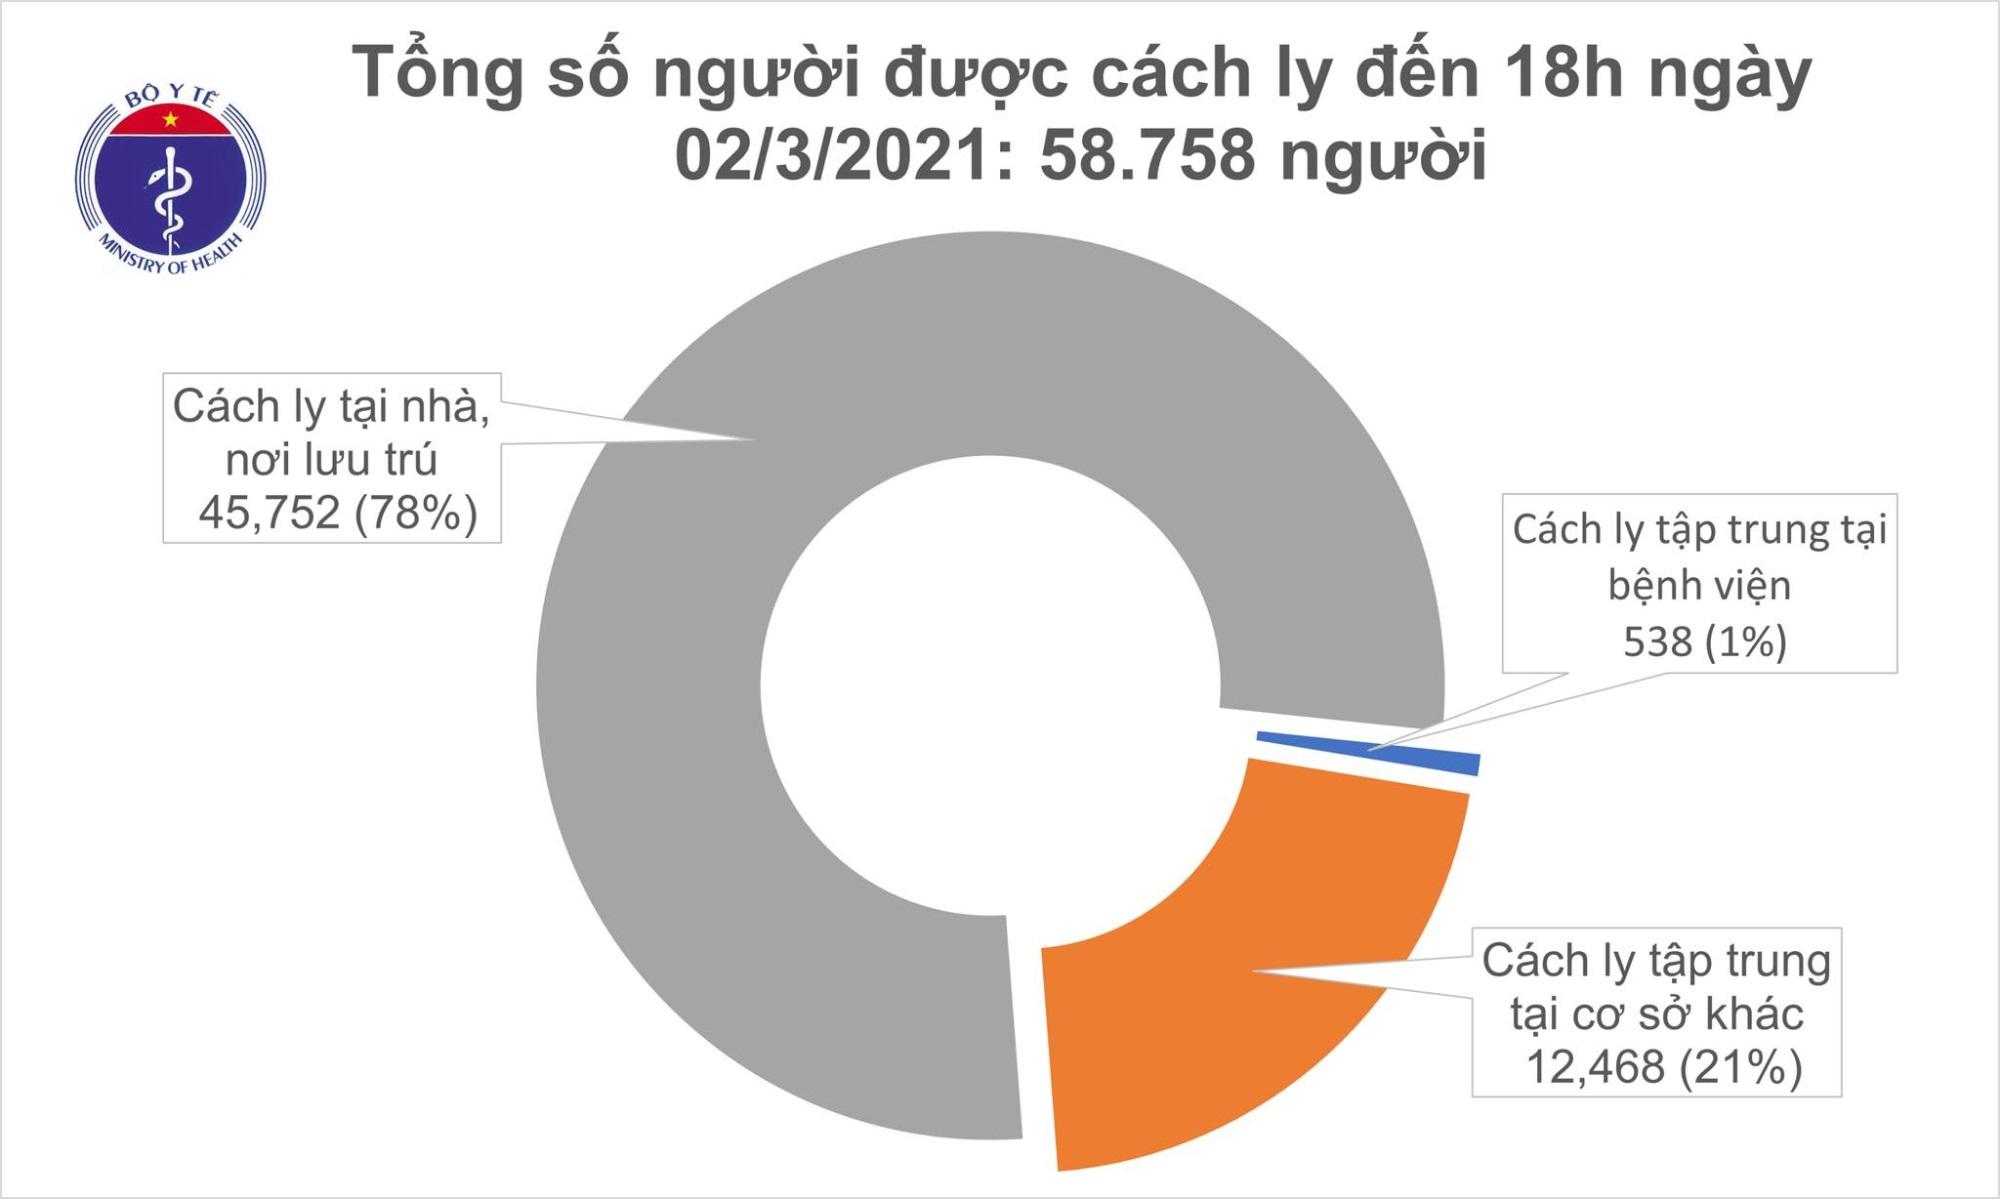 Tin vui: 12h trôi qua không có ca mắc COVID-19, Việt Nam chữa khỏi 1.898 bệnh nhân - Ảnh 2